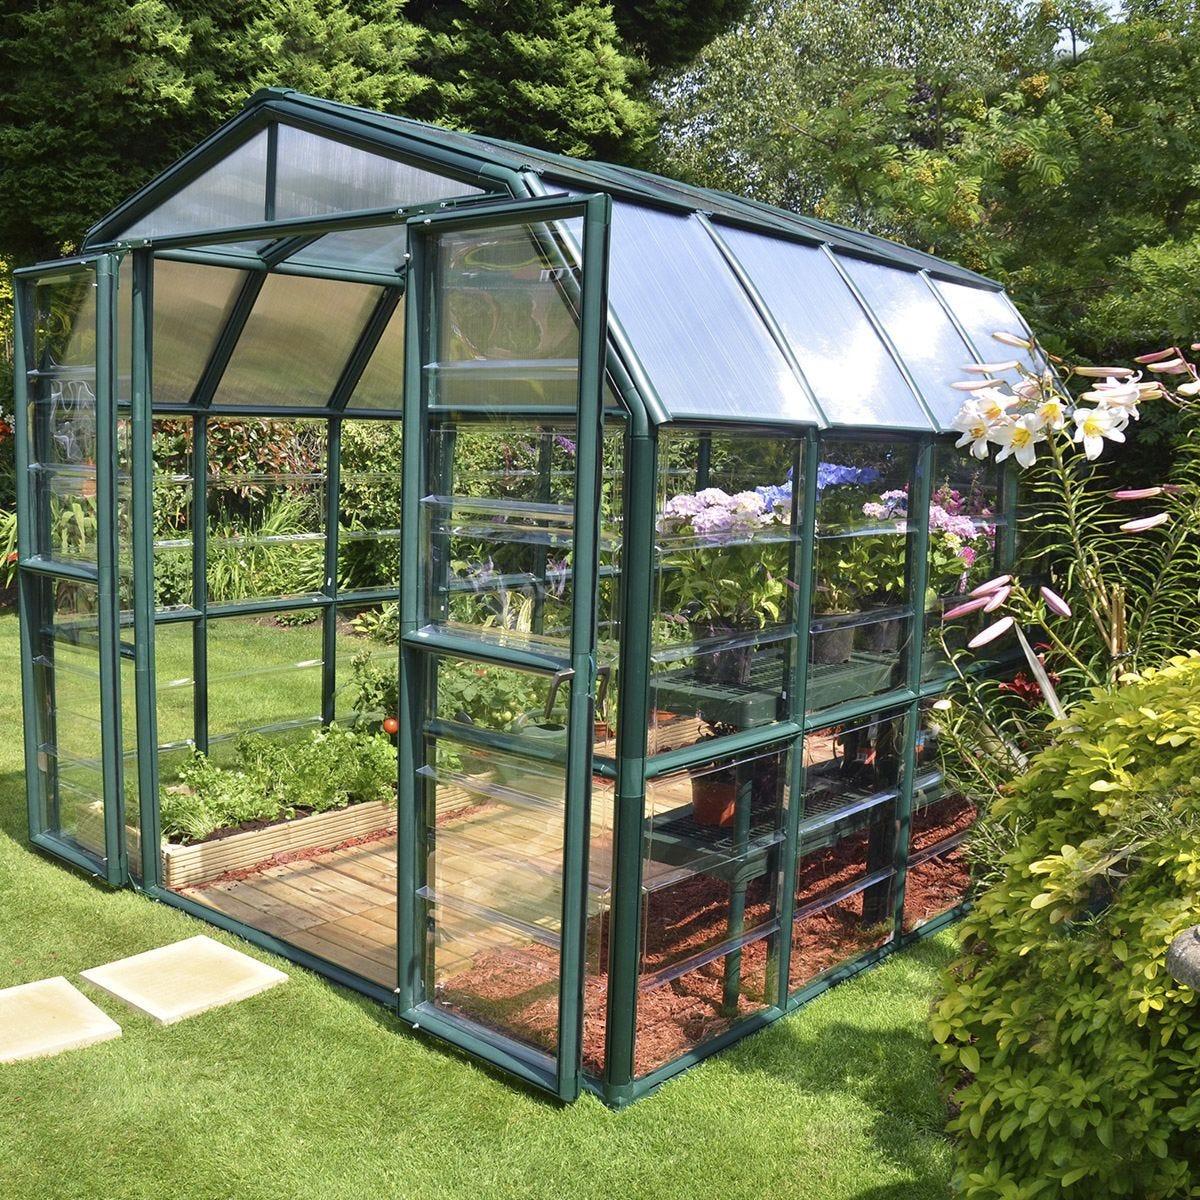 Palram Hobby Gardener Greenhouse